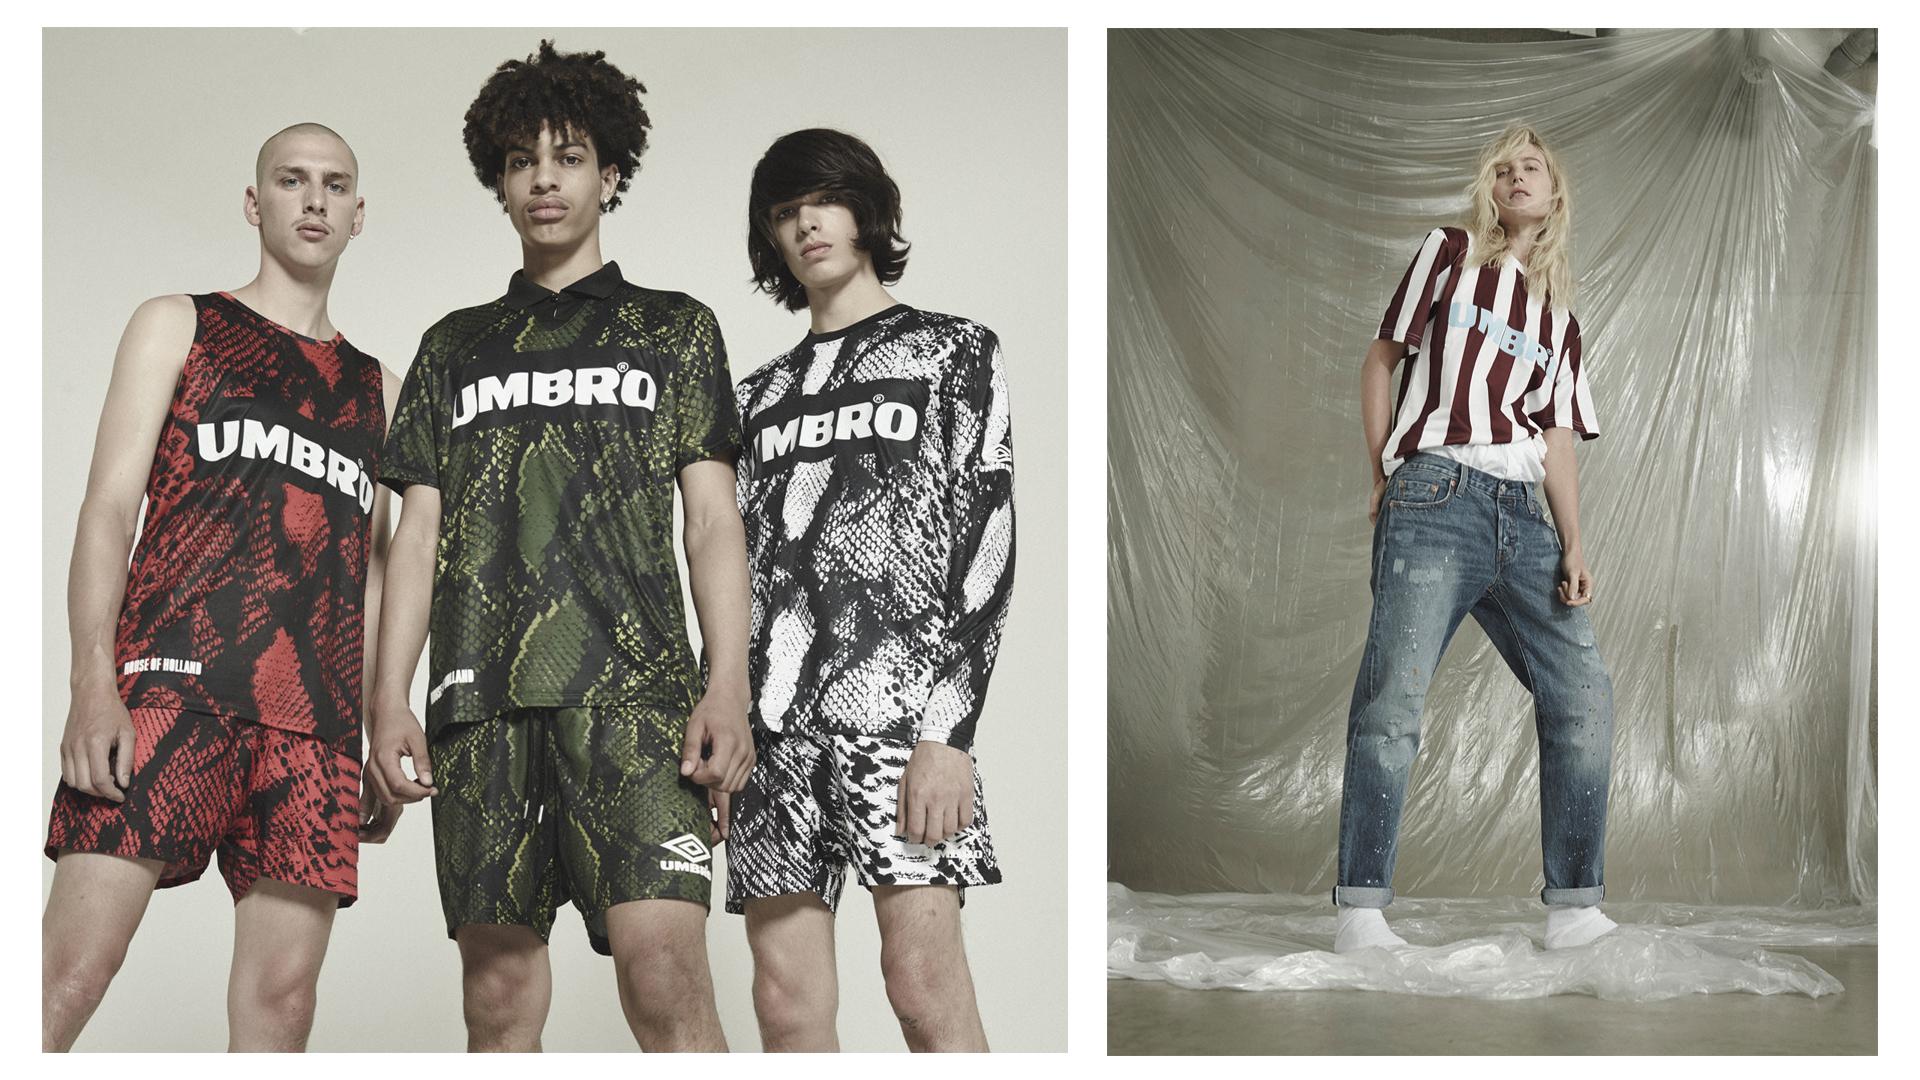 Umbro et Asos proposent une collection vintage d'inspiration foot